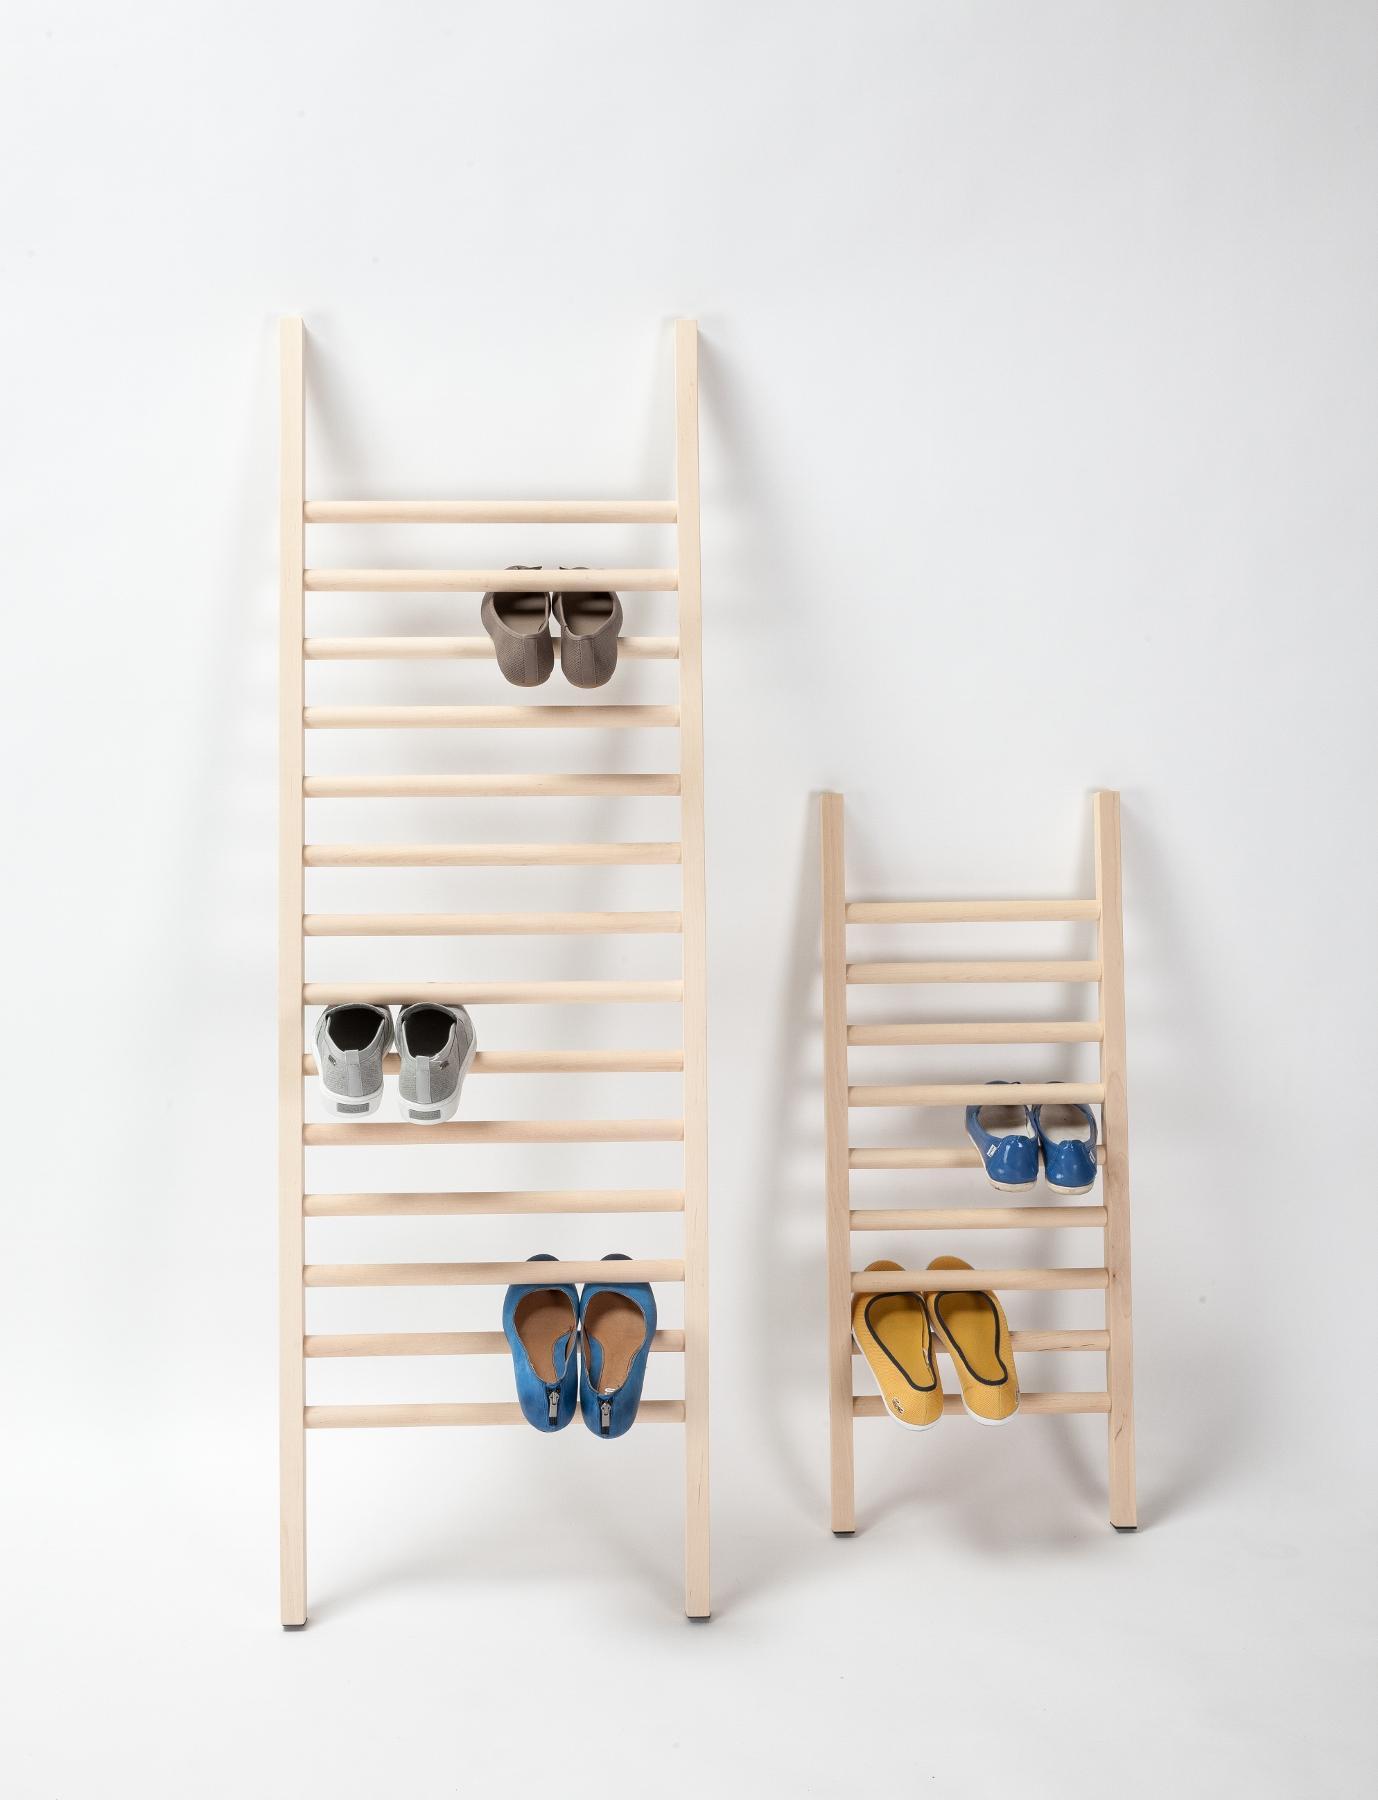 designer schuhregal step up aus holz emko. Black Bedroom Furniture Sets. Home Design Ideas